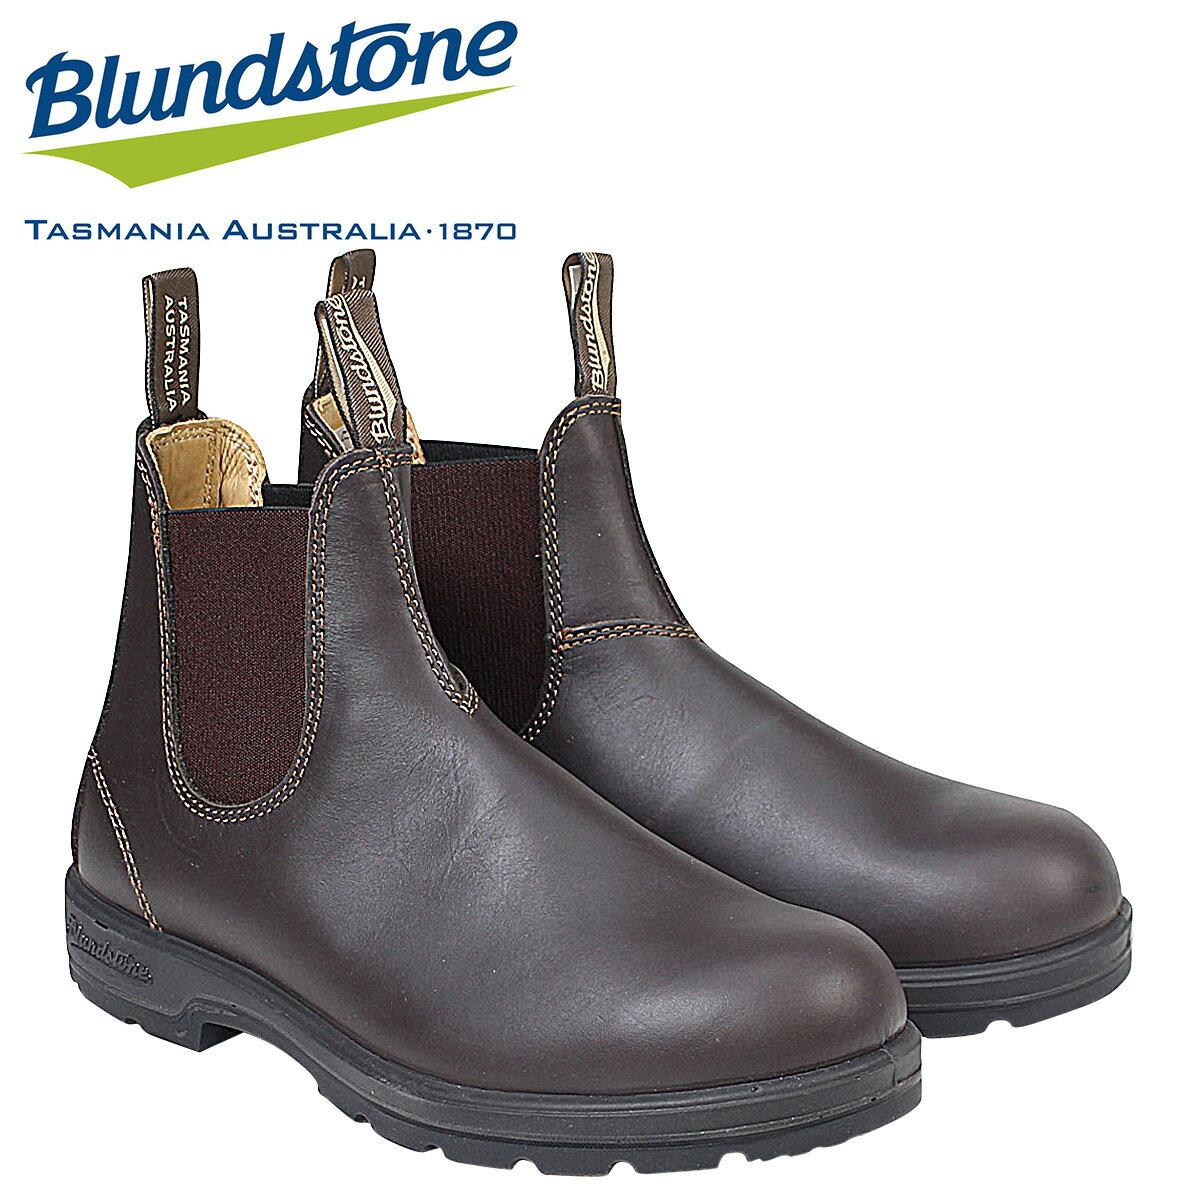 ブランドストーン Blundstone サイドゴア メンズ 550 ブーツ DRESS V CUT BOOTS ブラウン